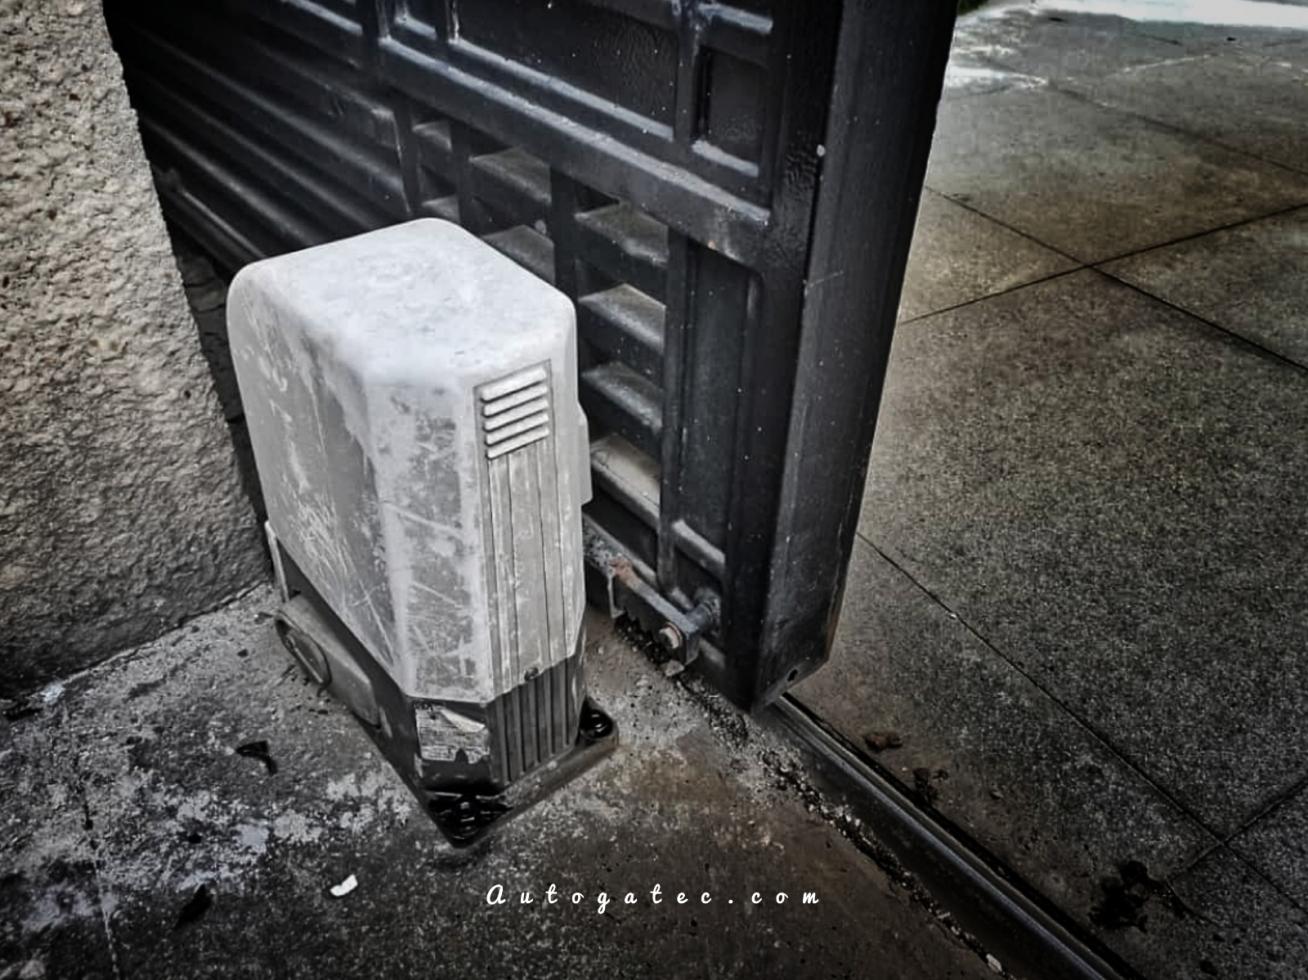 Photos of Autogate Repairing